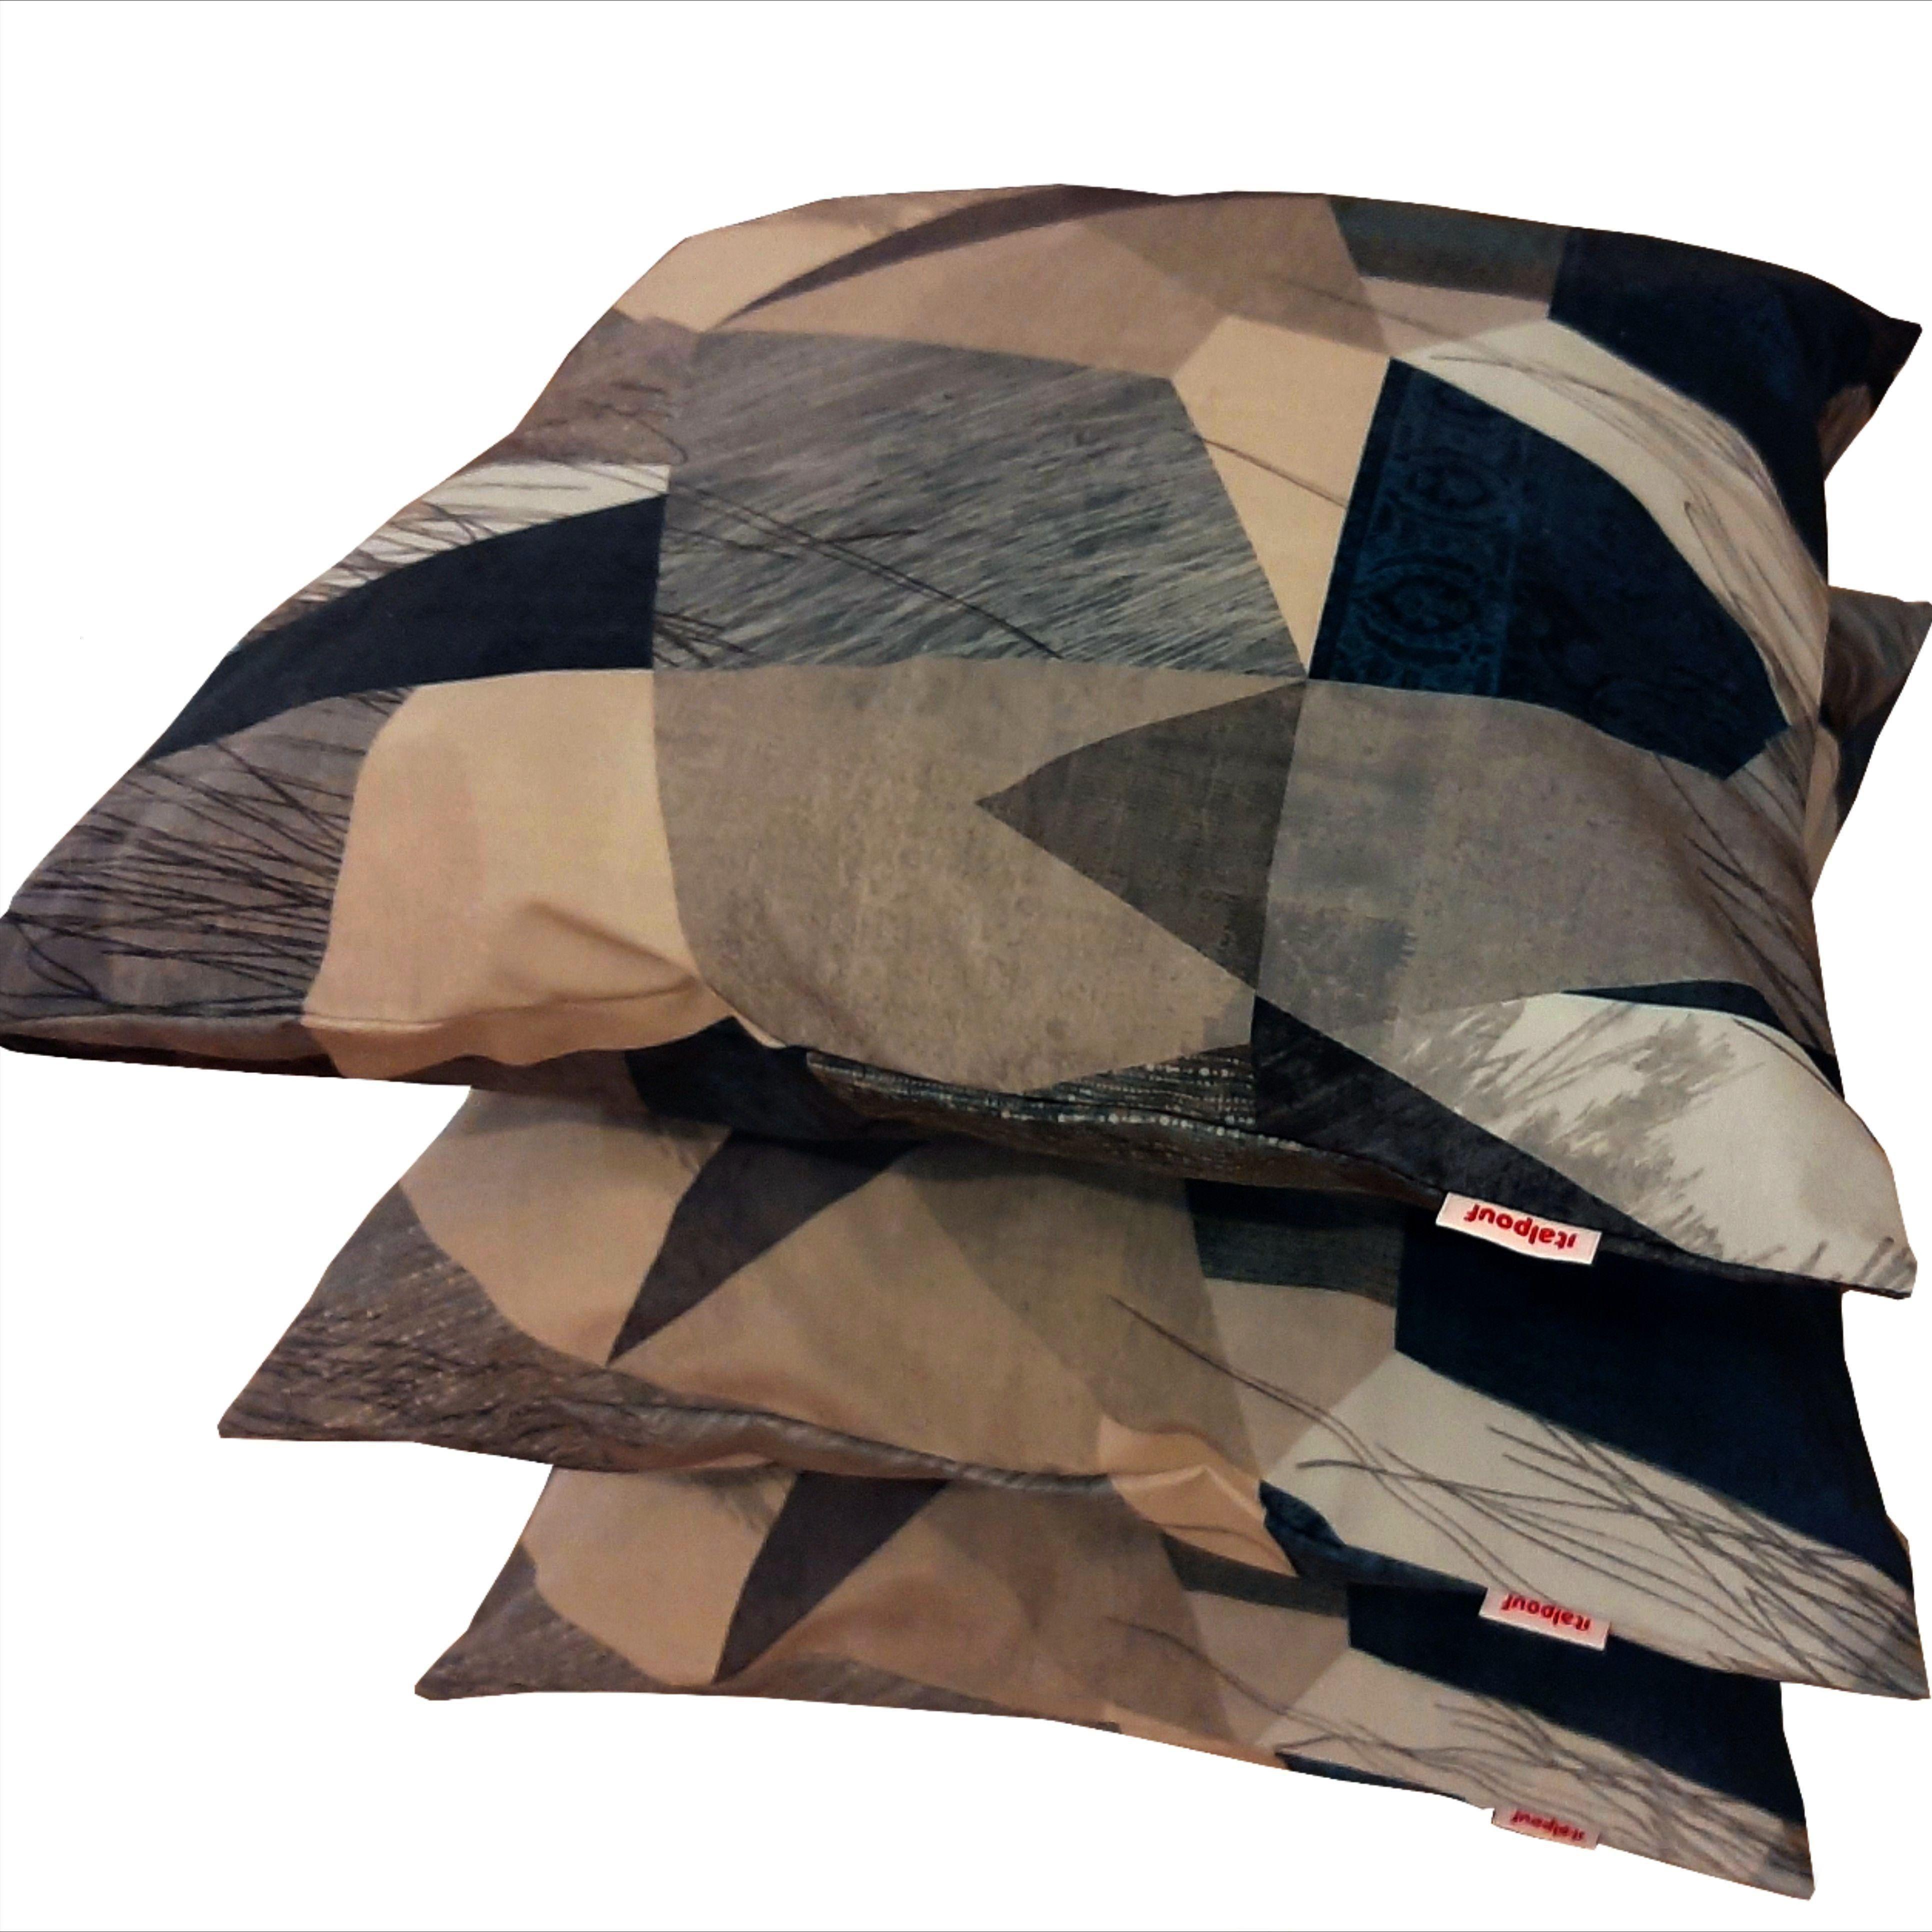 Moderno per Divani per e con fantasia astratta  tonalità del grigio azzurro e bianco Cuscini perfetti per con lo stile moderno e Bellissimi per la moderna solo da...